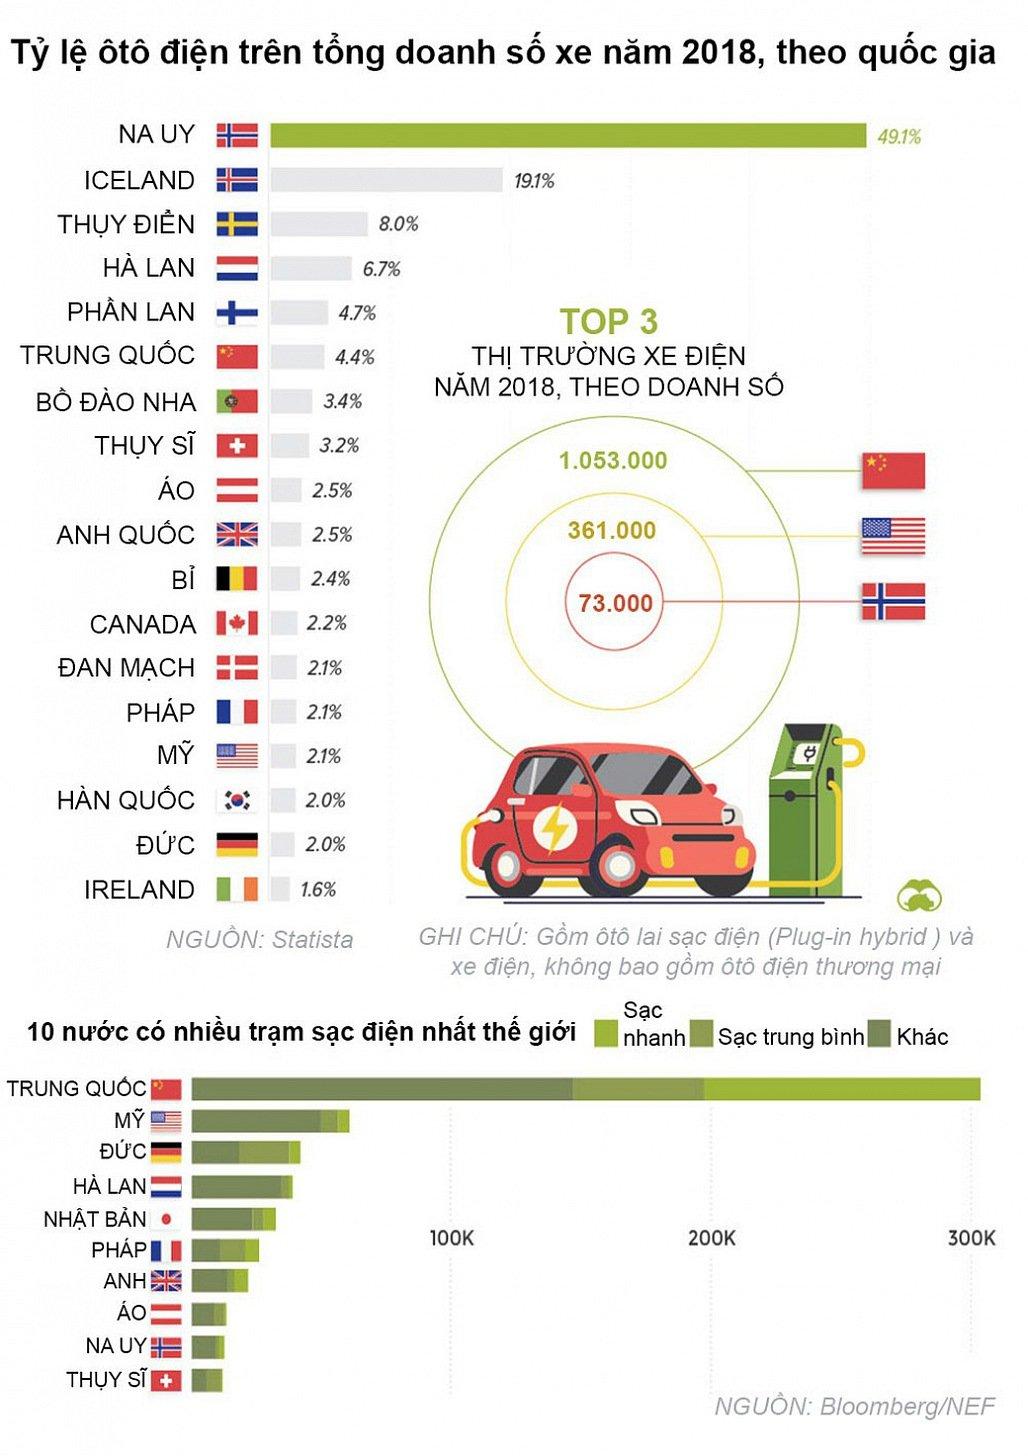 Quốc gia nào chuộng xe điện nhất?.